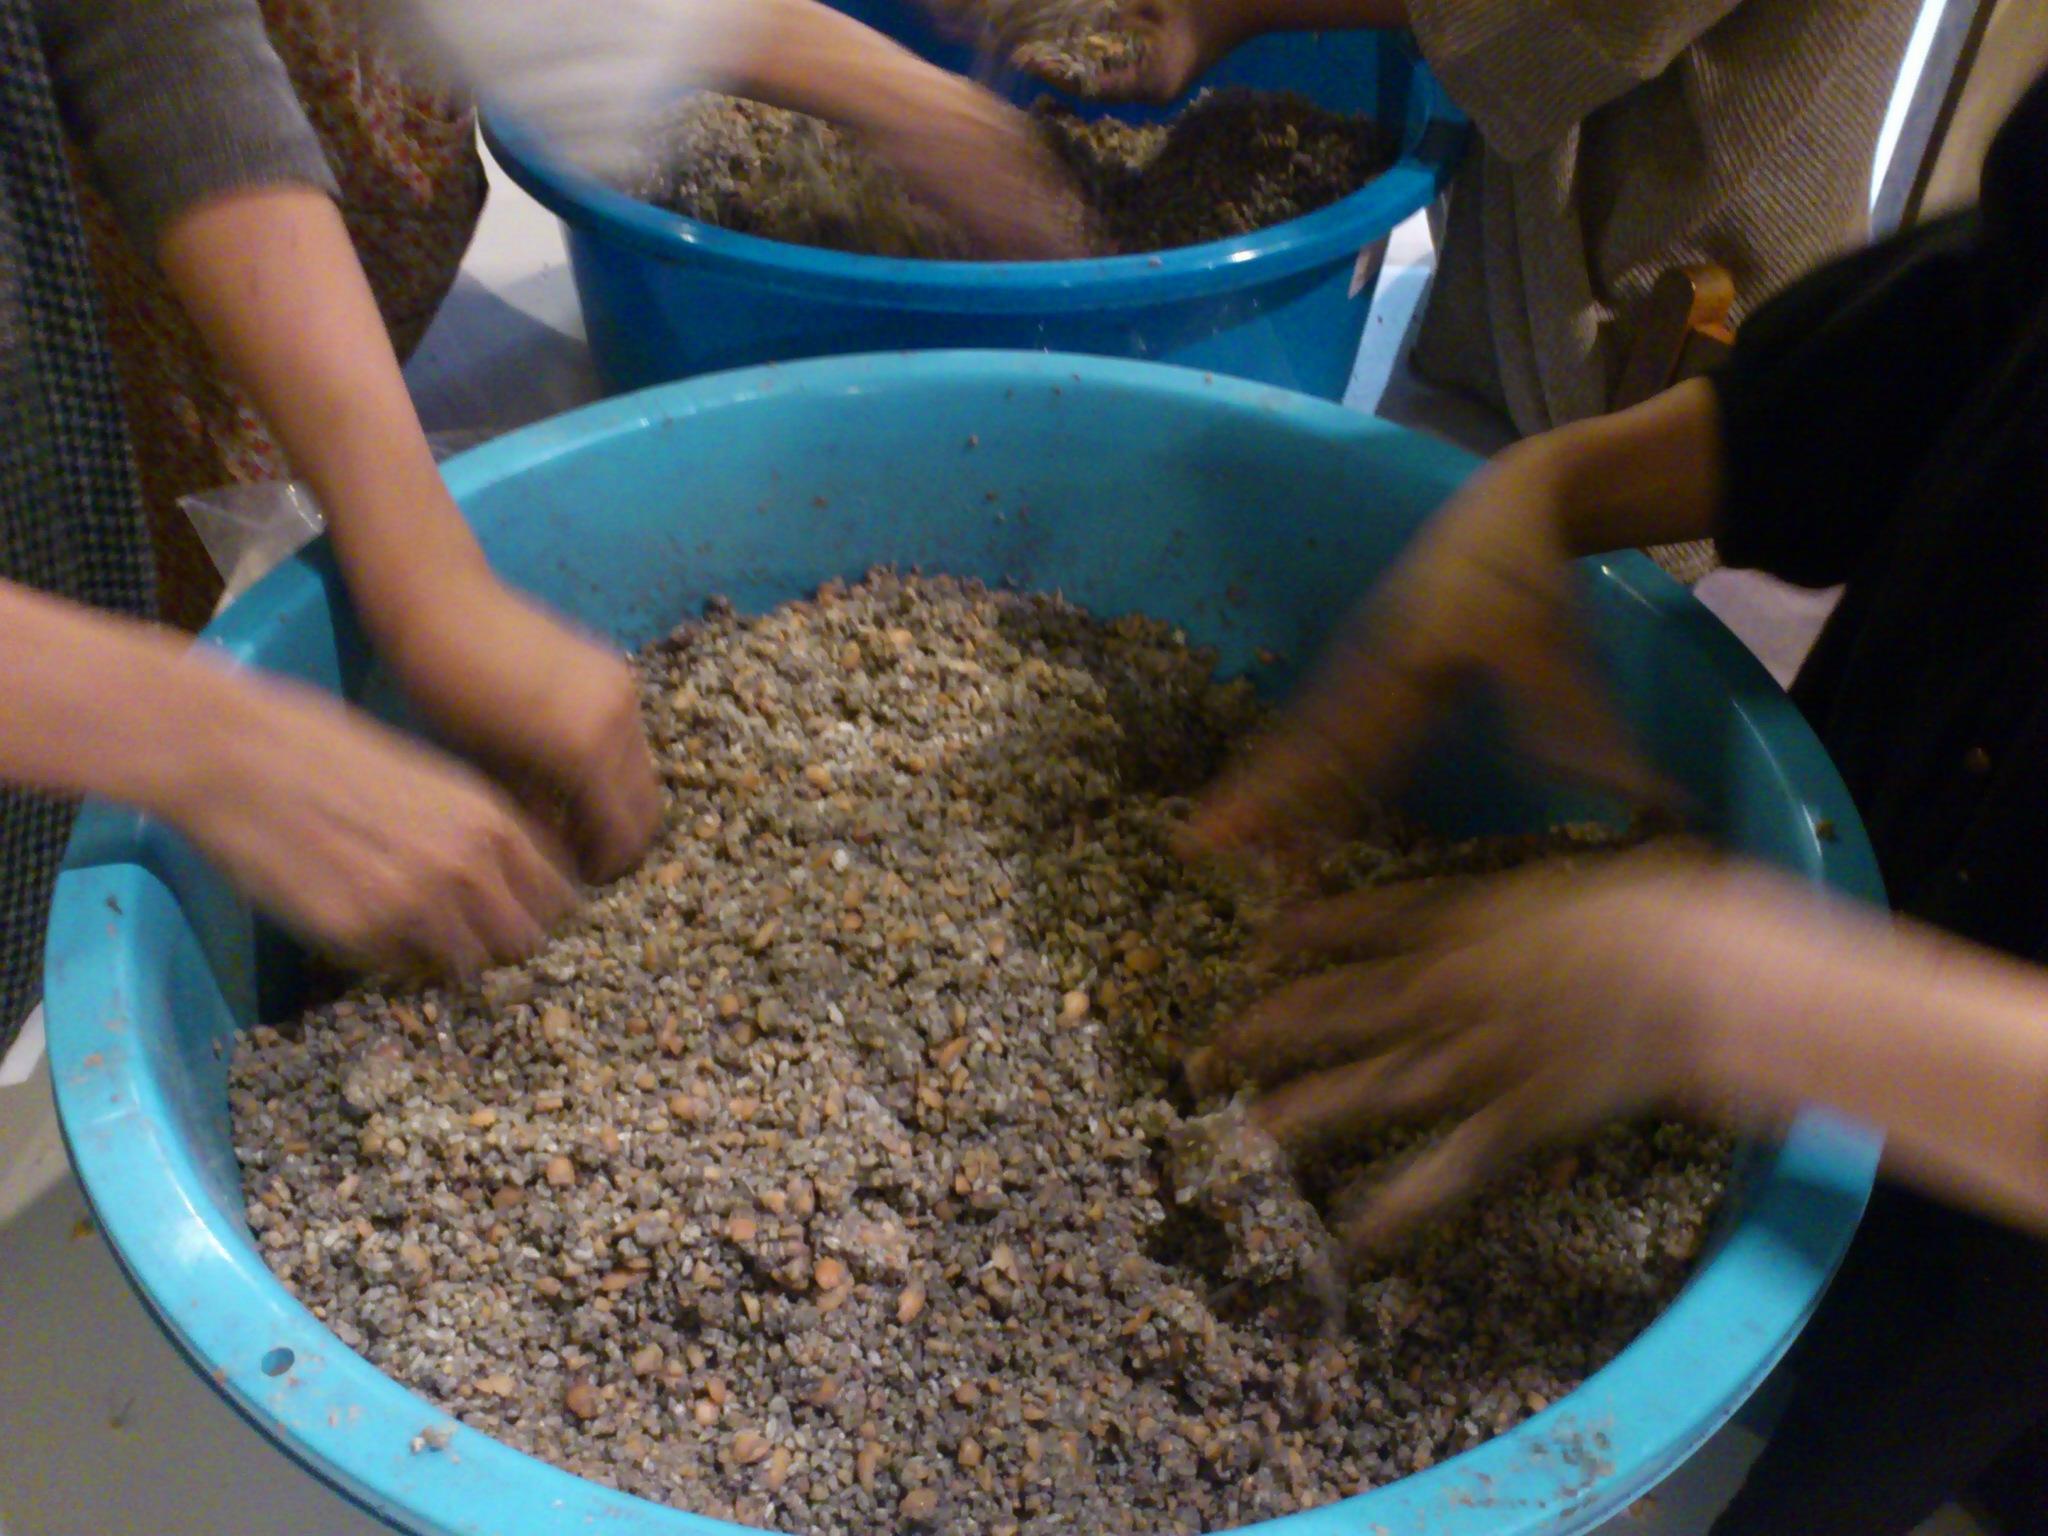 @冨貴工房。会津と沖縄で炊いた塩と平戸の塩、ヨーチとこの大豆、井上糀、麻炭、EM菌と皆の常在菌コラボ◎